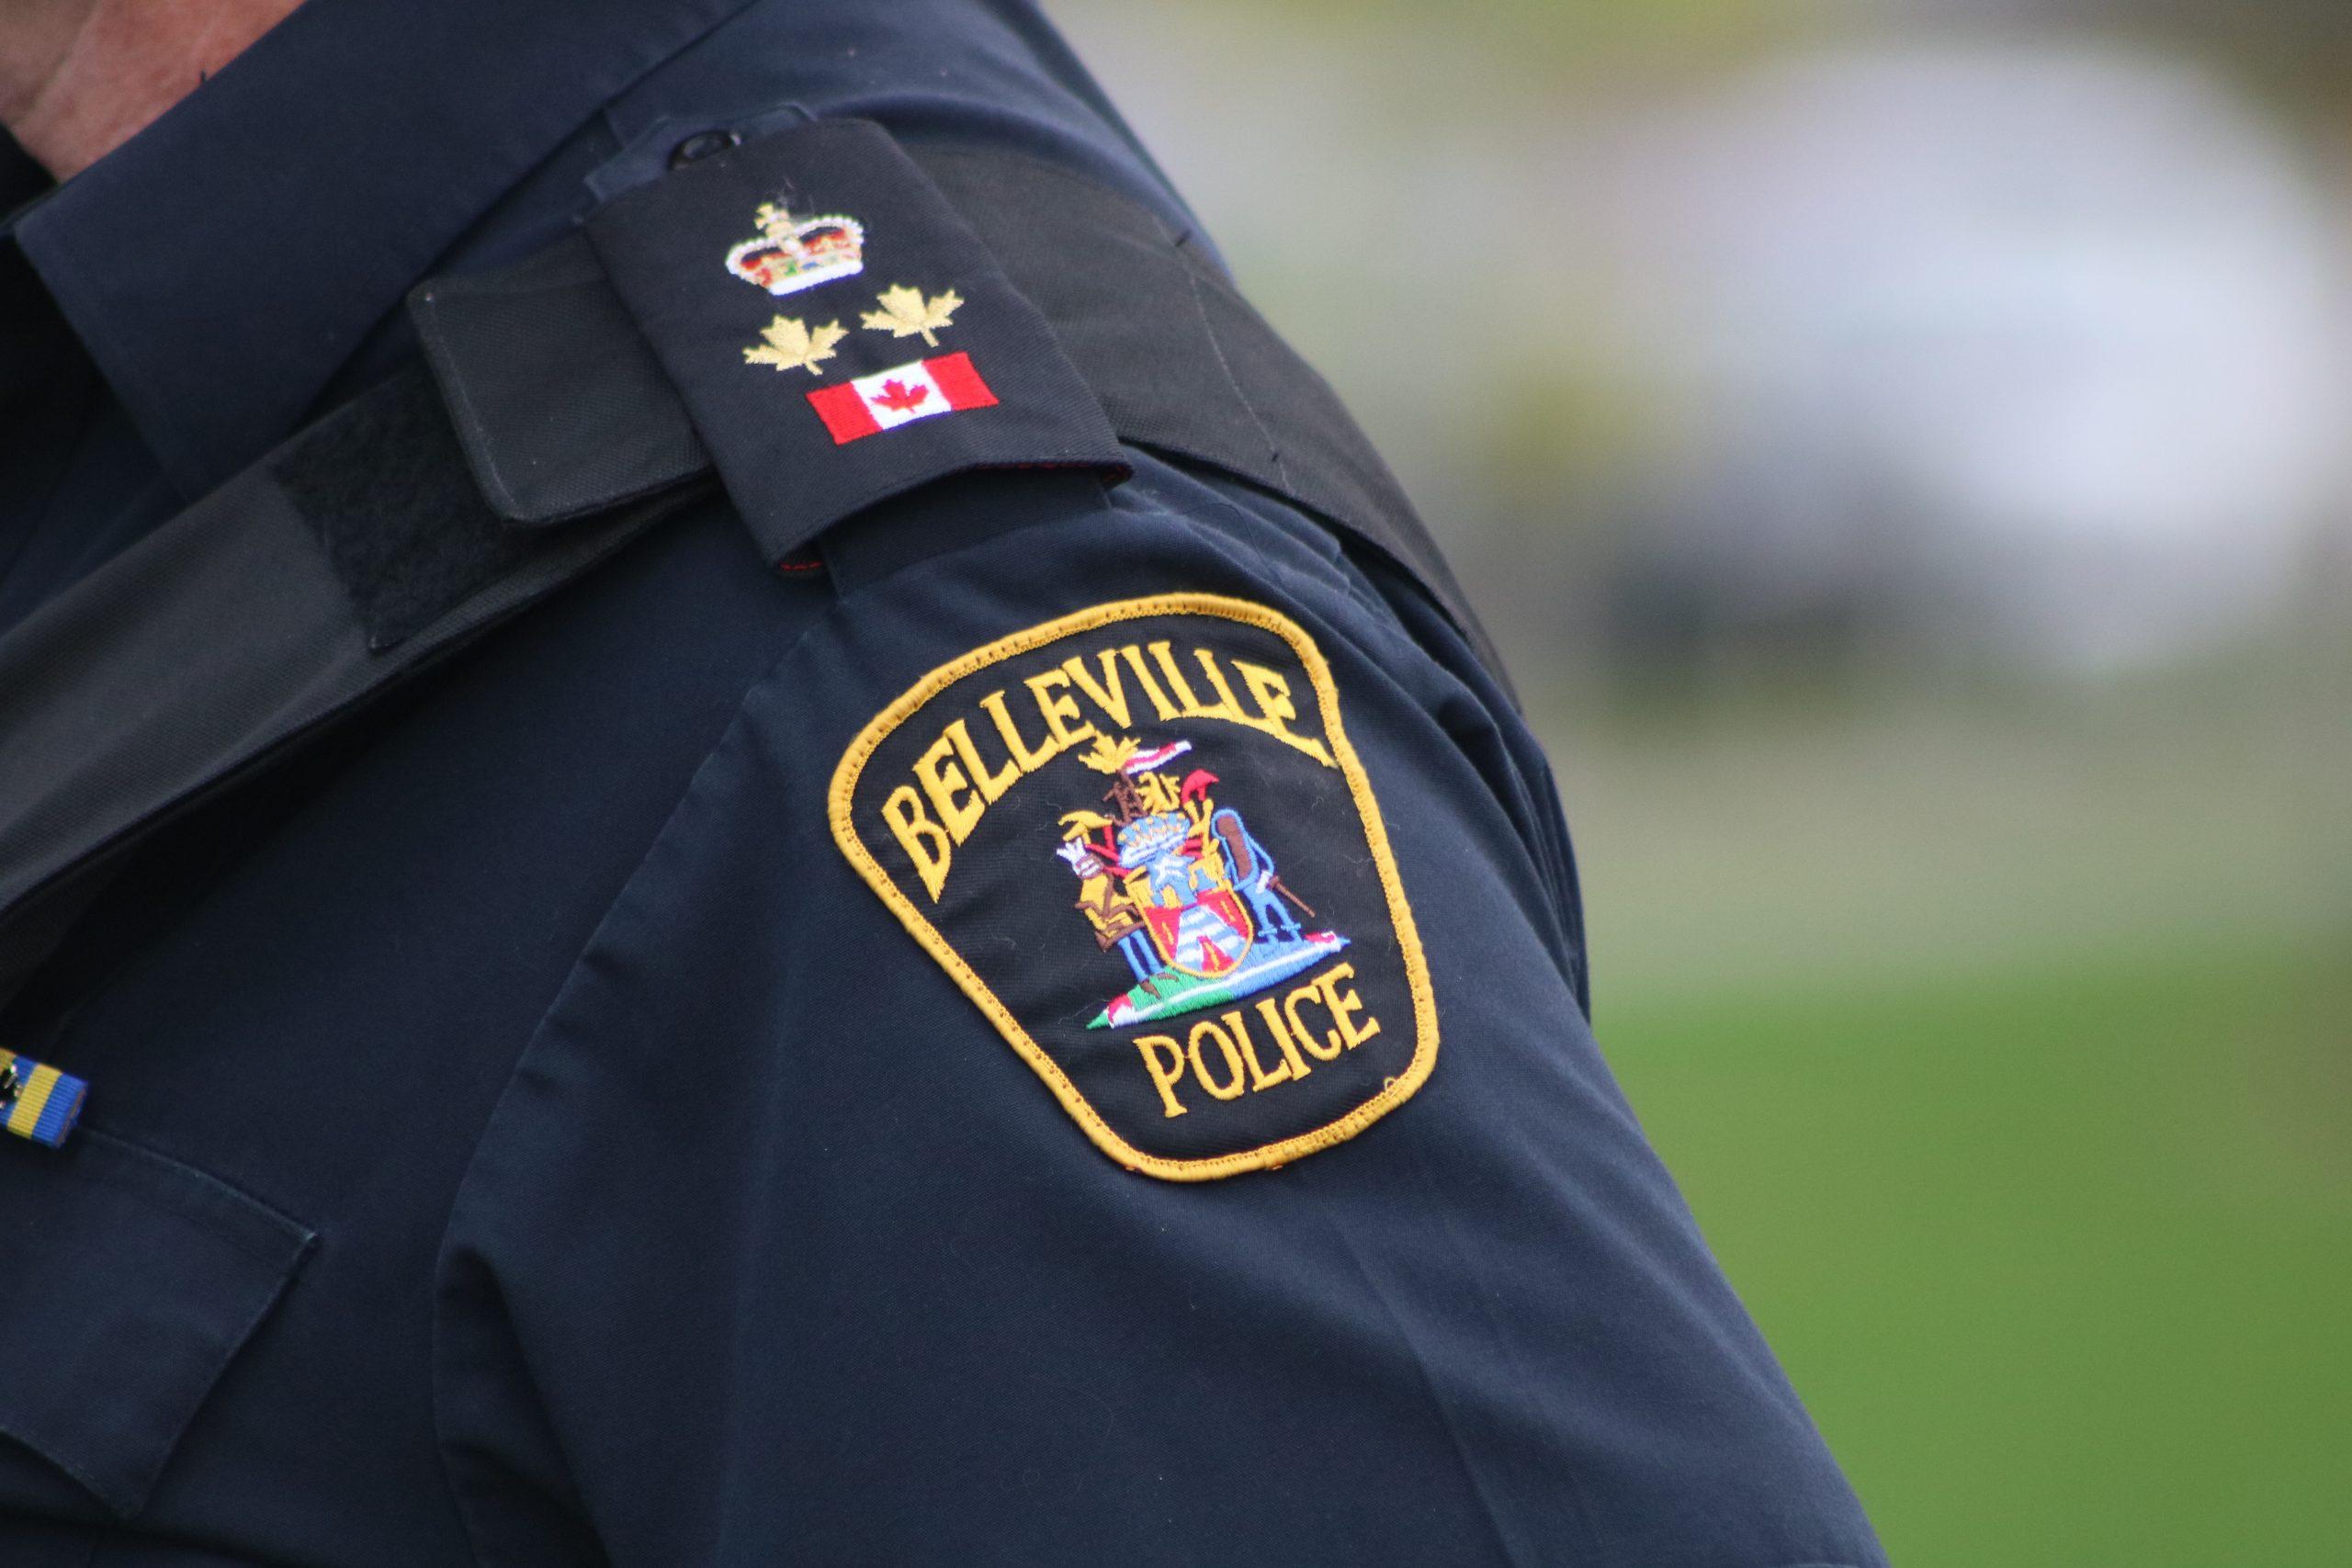 60 calls for service for Belleville Police